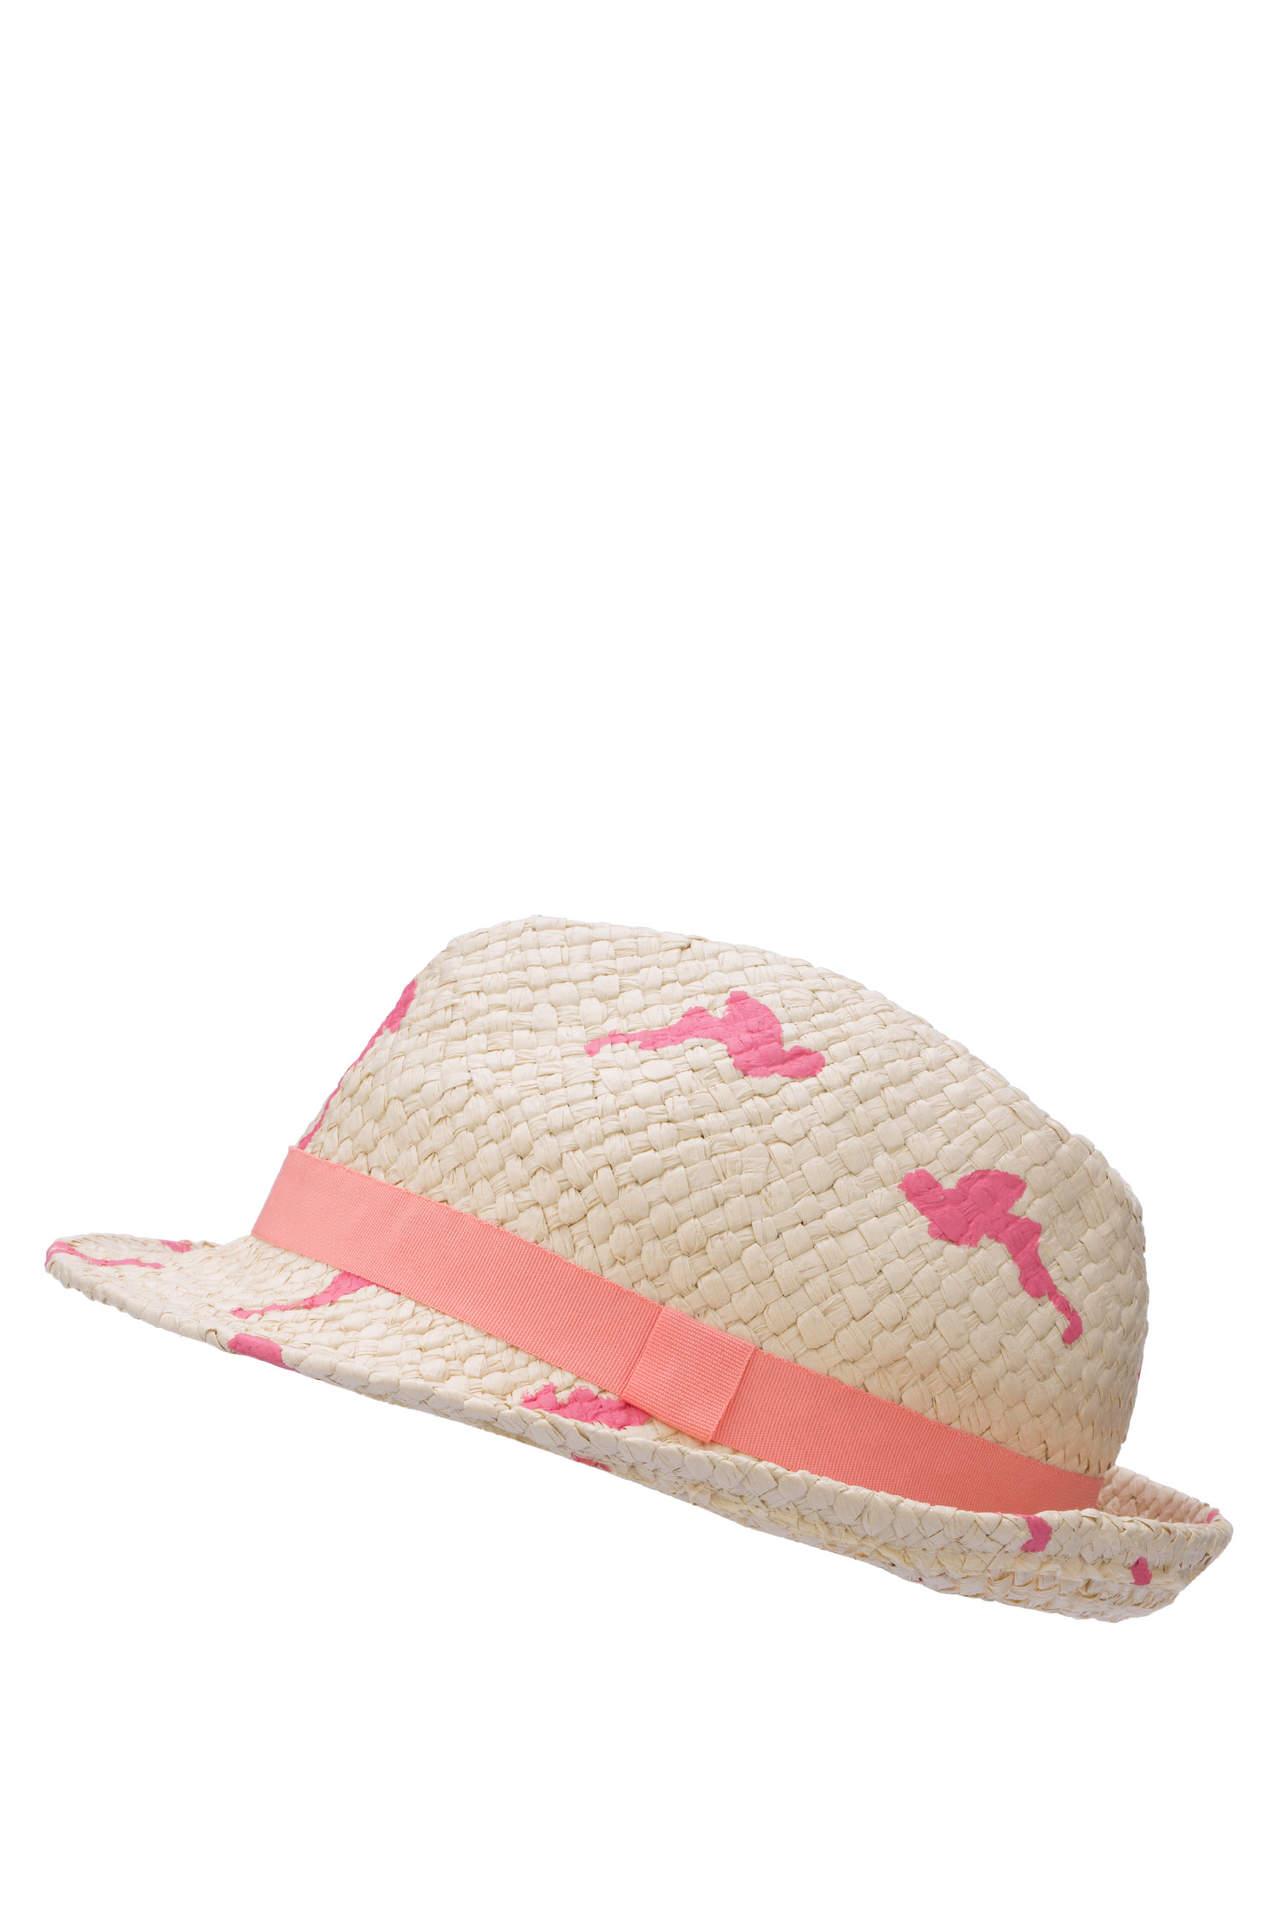 DeFacto Kız Çocuk Hasır Şapka Bej female